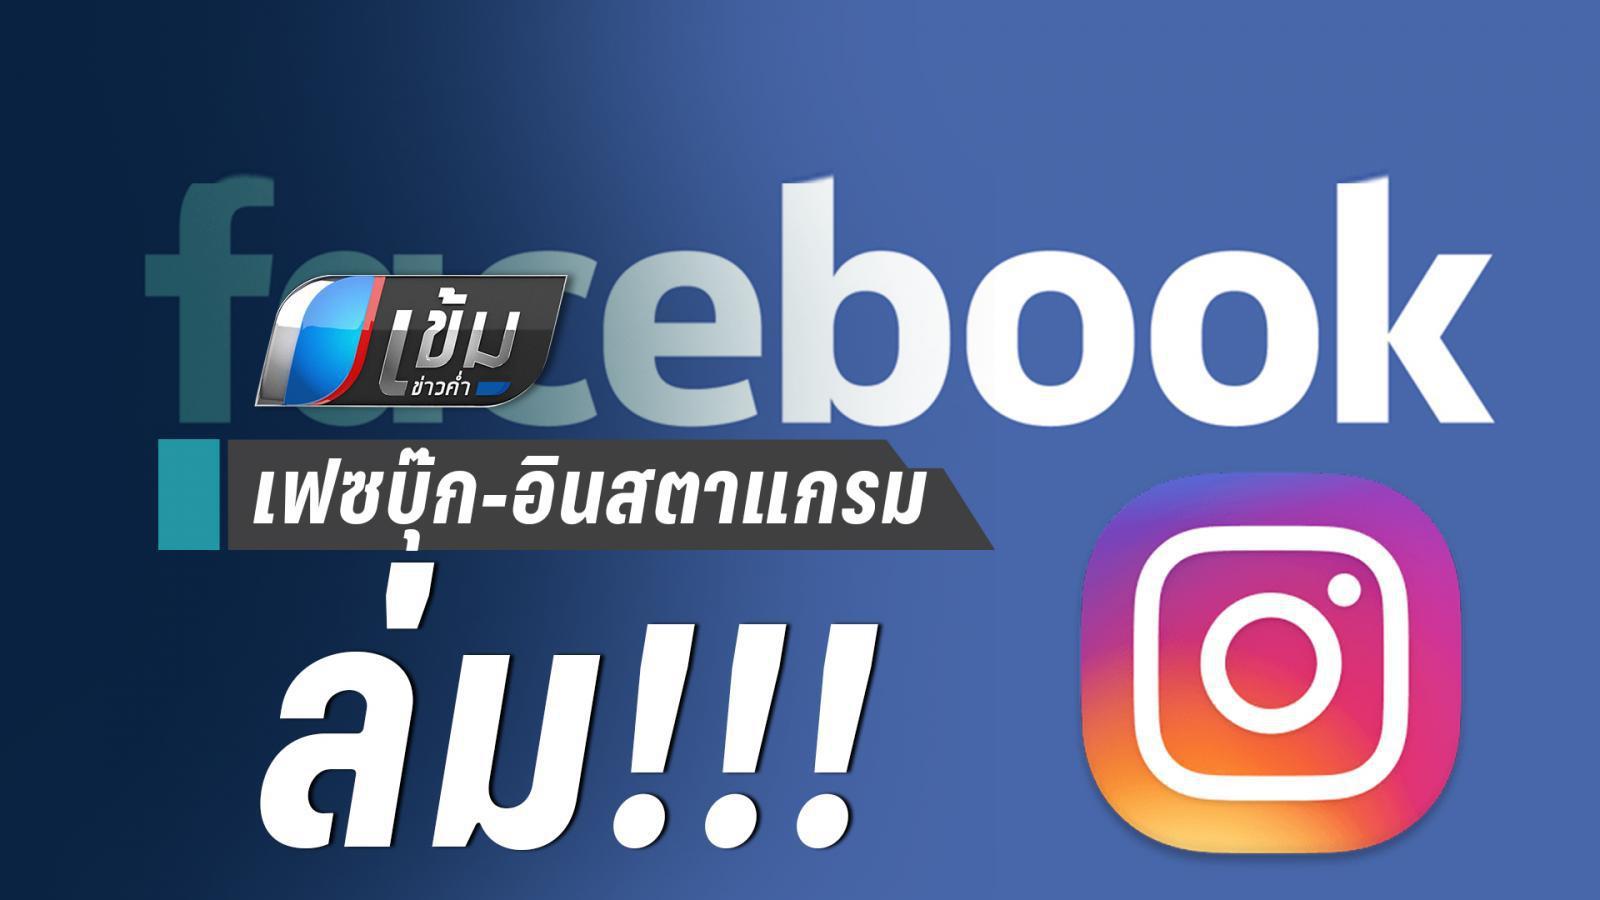 เฟซบุ๊ก-อินสตาแกรม ล่ม! ชาวเน็ตแห่ติด #Facebookdown #Instagramdown